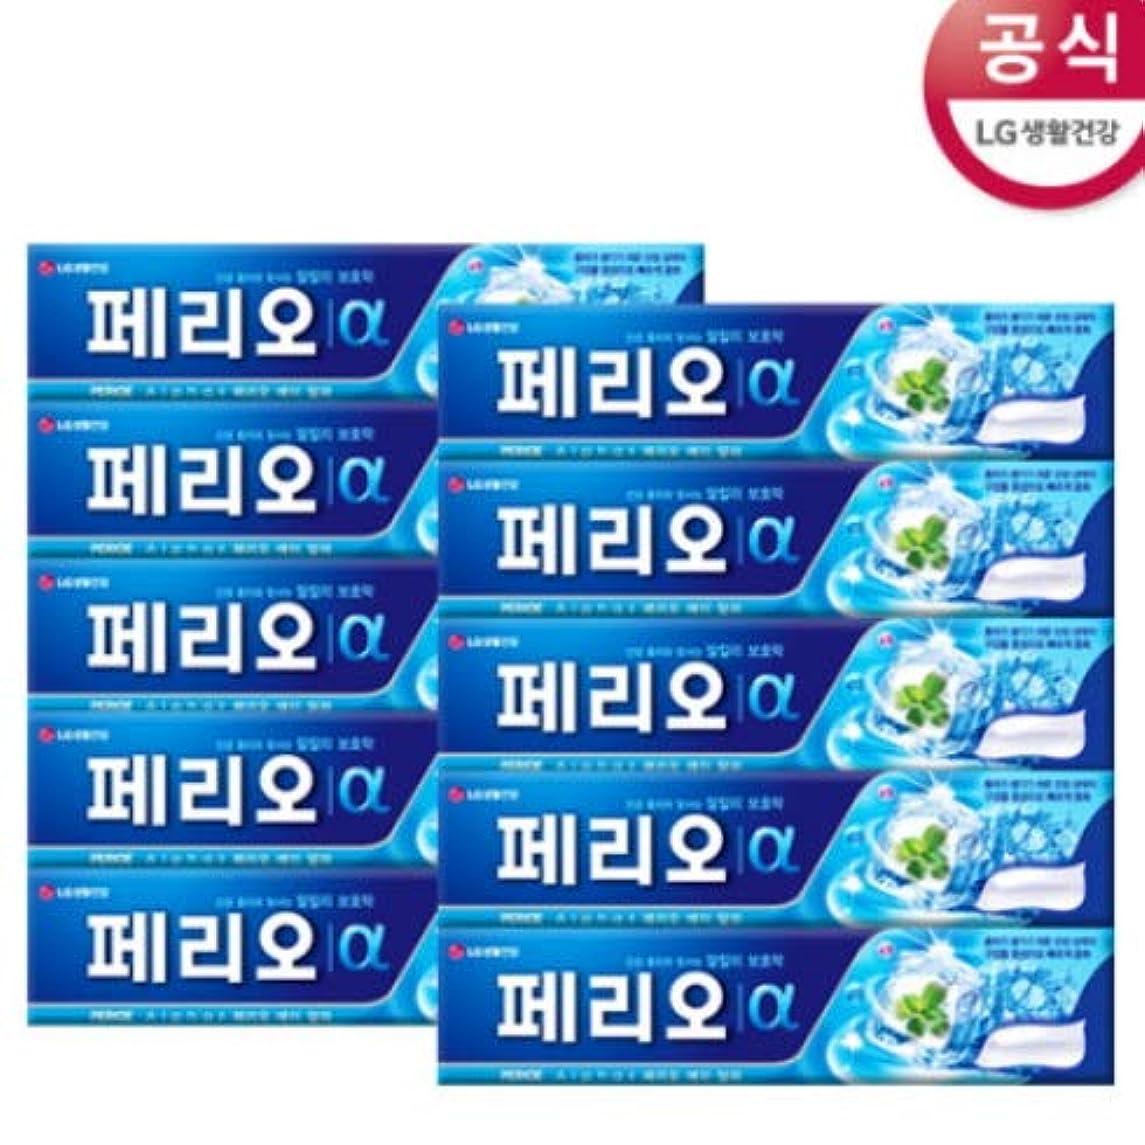 繰り返した流出[LG HnB] Perio Alpha Toothpaste/ペリオアルファ歯磨き粉 170gx10個(海外直送品)